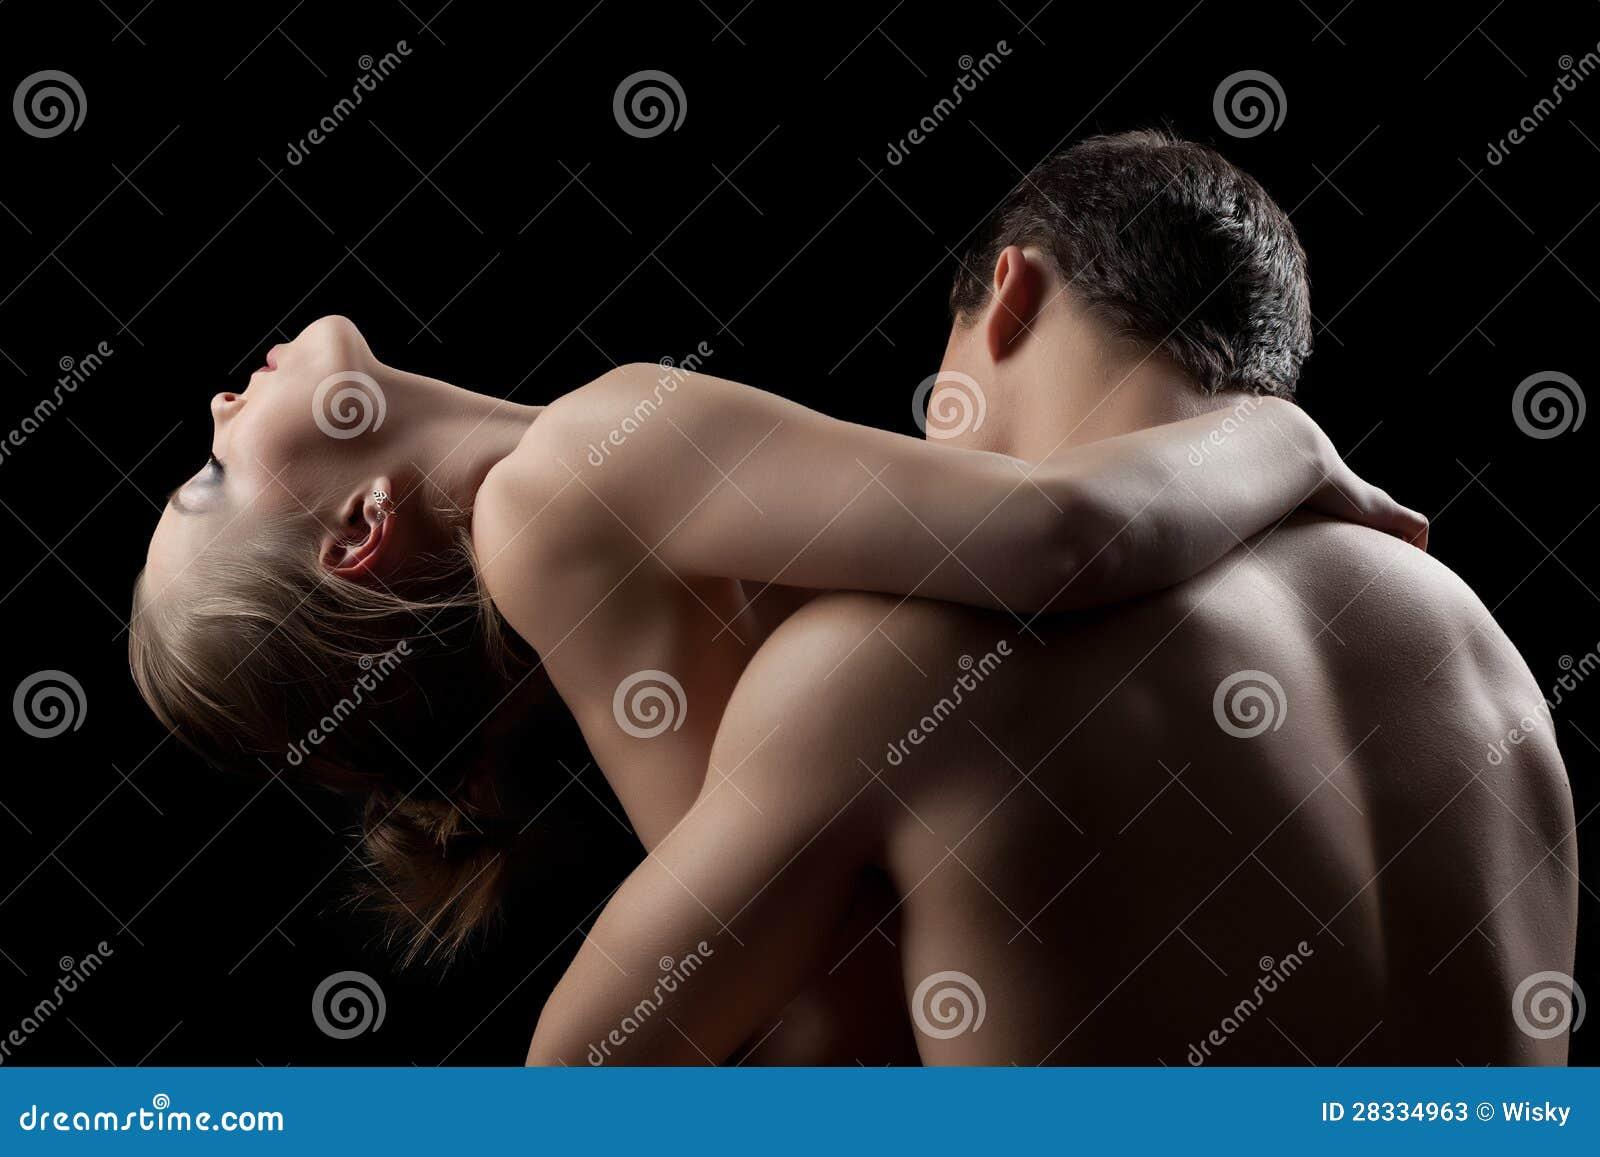 Junge paare haben sex